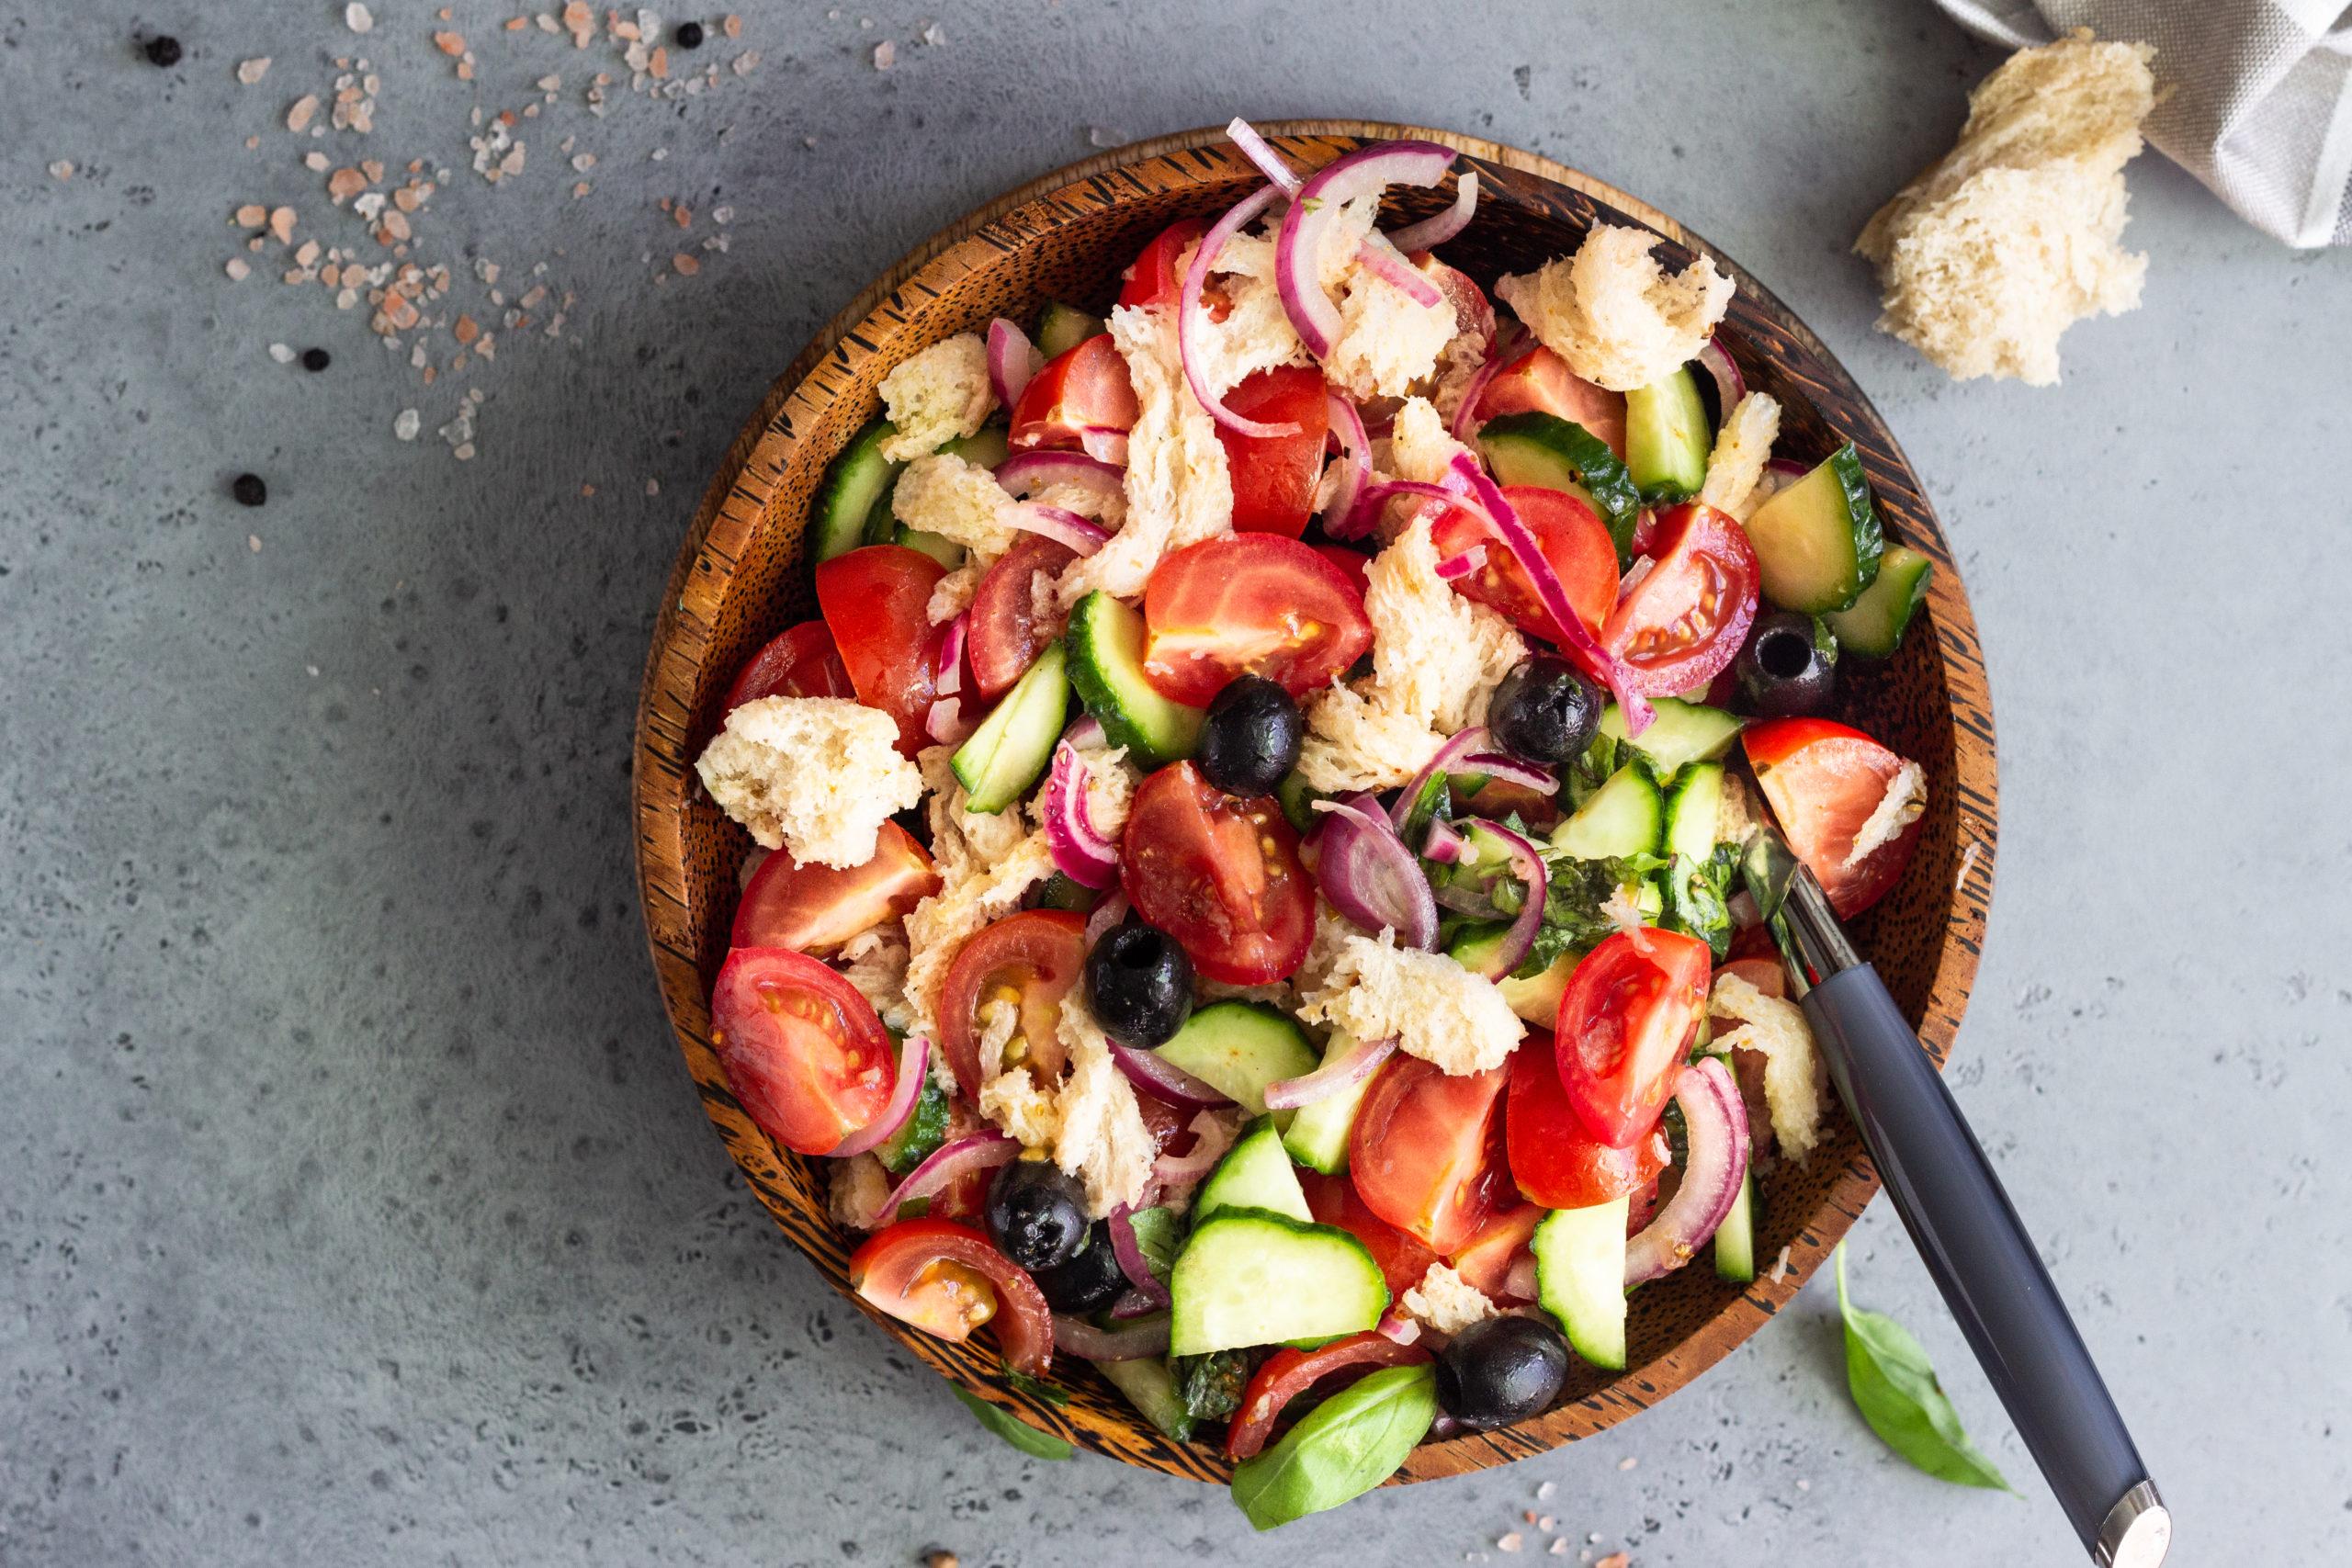 Buttermilk Biscuit Panzanella Salad